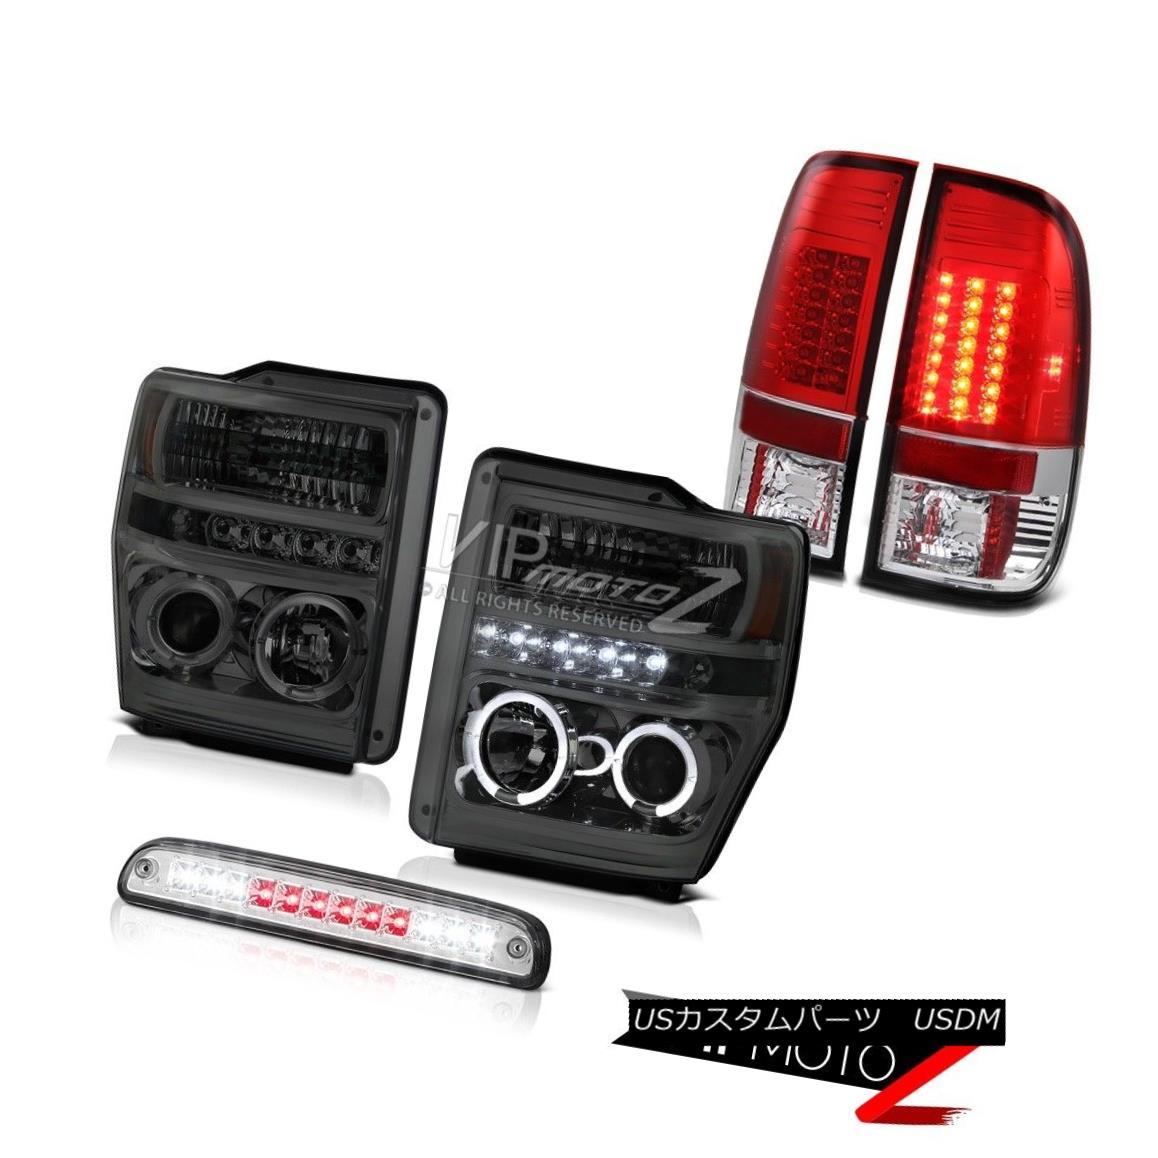 ヘッドライト Smoke Projector Headlight Roof Stop LED Clear Tail Light 2008 2009 2010 F350 XL 煙プロジェクターヘッドライトルーフストップLEDクリアテールライト2008 2009 2010 F350 XL